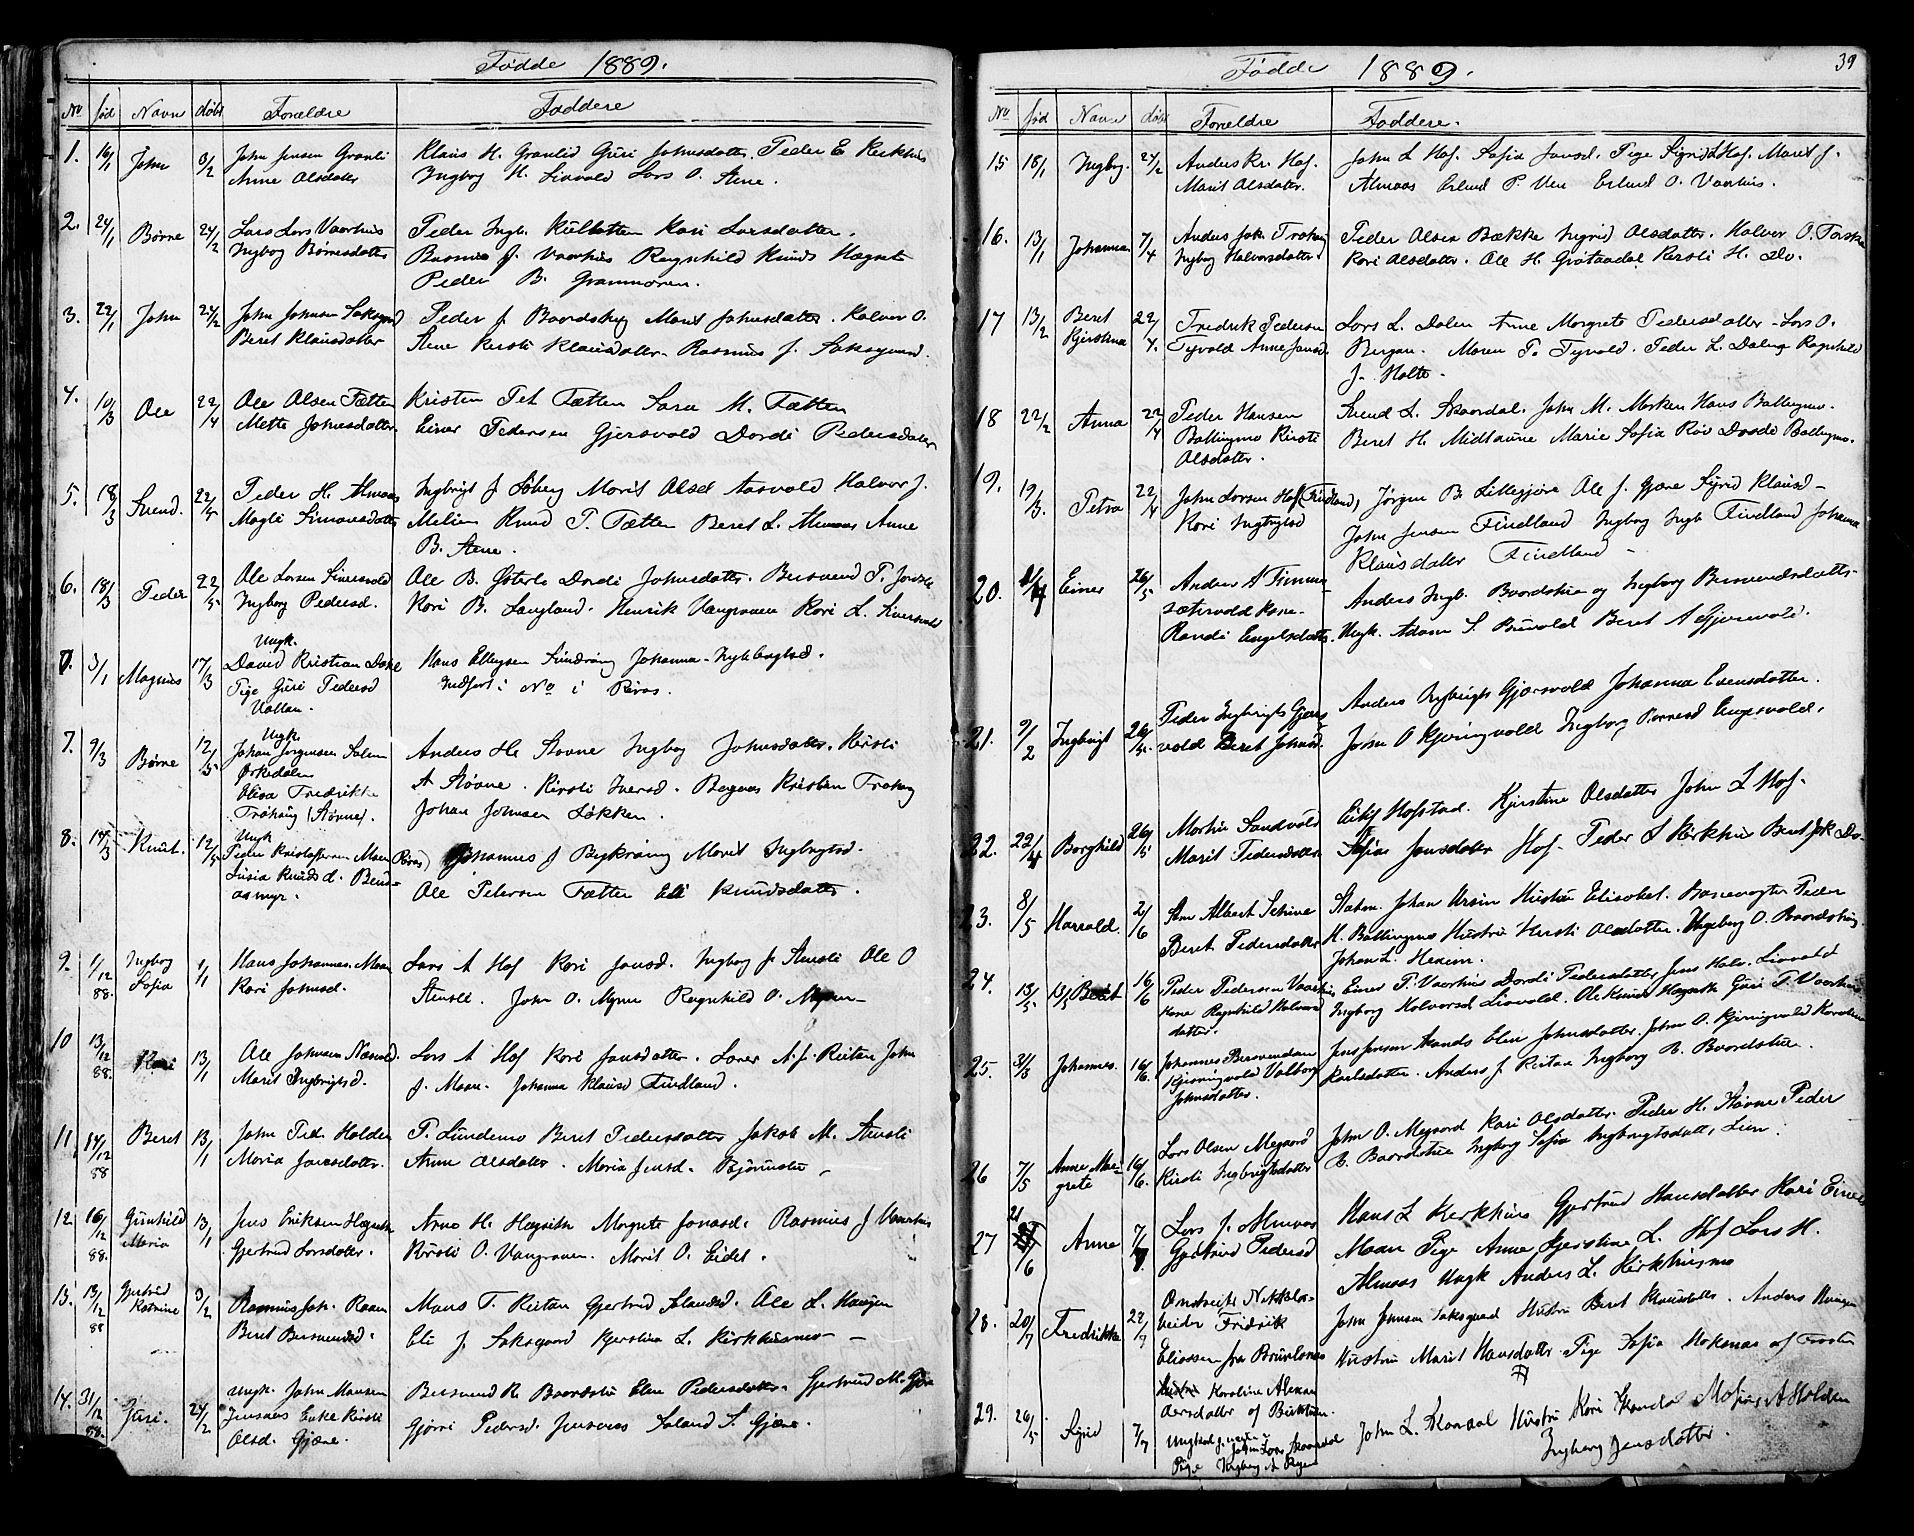 SAT, Ministerialprotokoller, klokkerbøker og fødselsregistre - Sør-Trøndelag, 686/L0985: Klokkerbok nr. 686C01, 1871-1933, s. 39